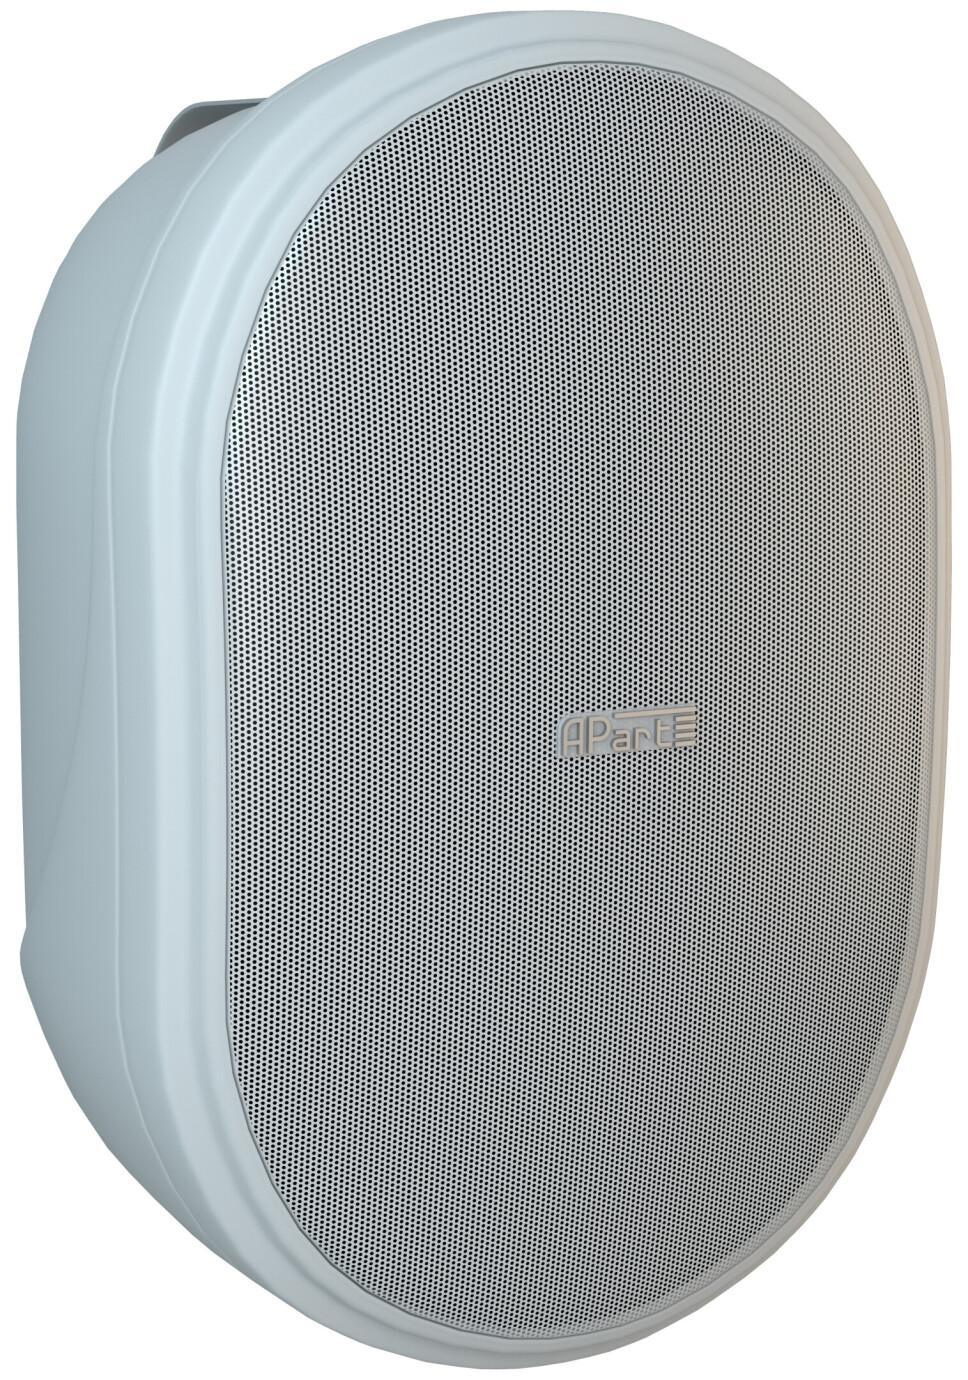 APart OVO8 - Paar- Lautsprecher 160 W - weiß